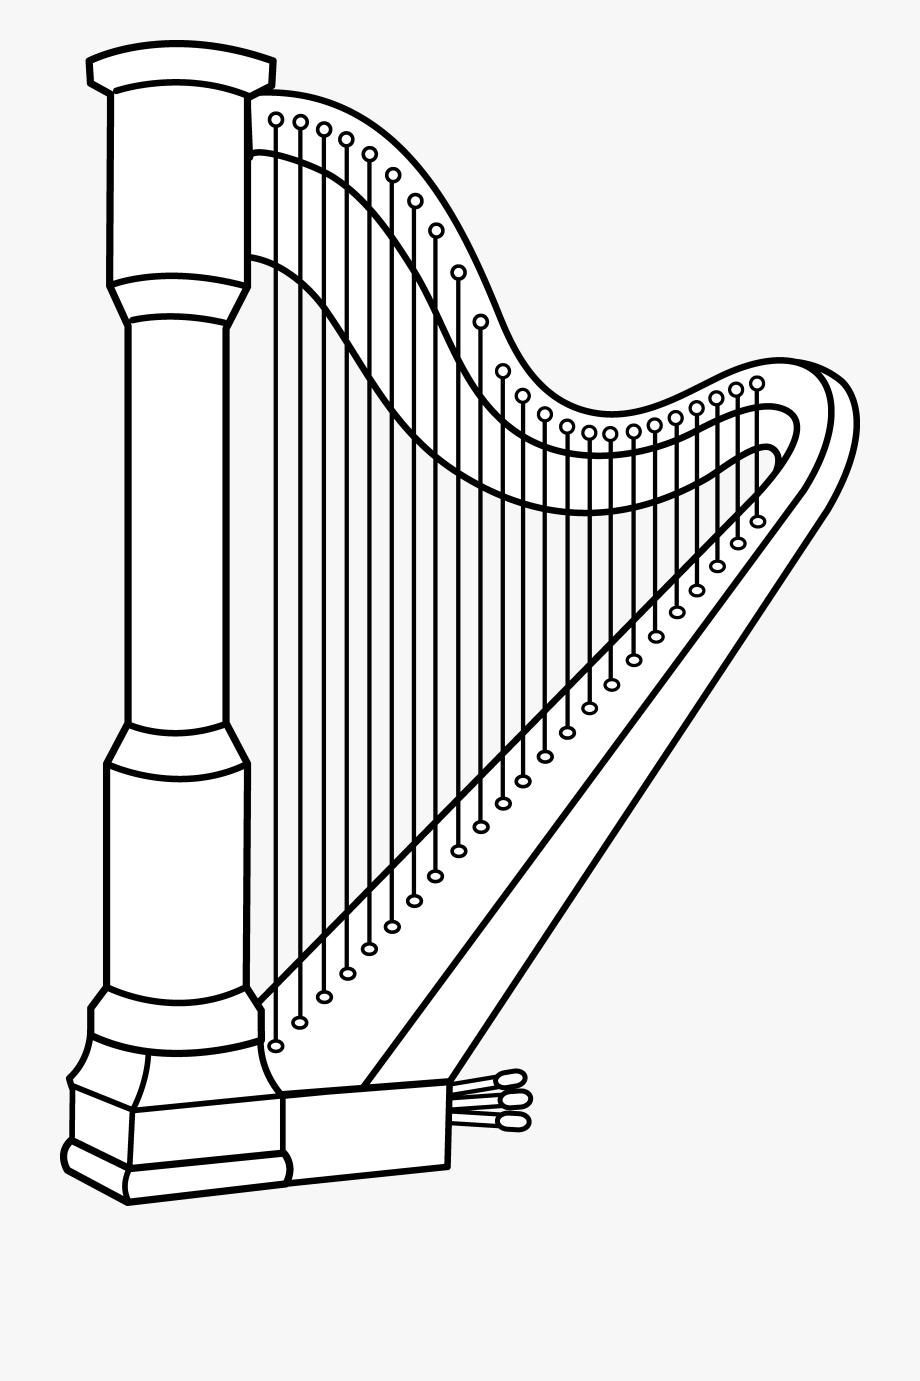 Musical Harp Line Art.